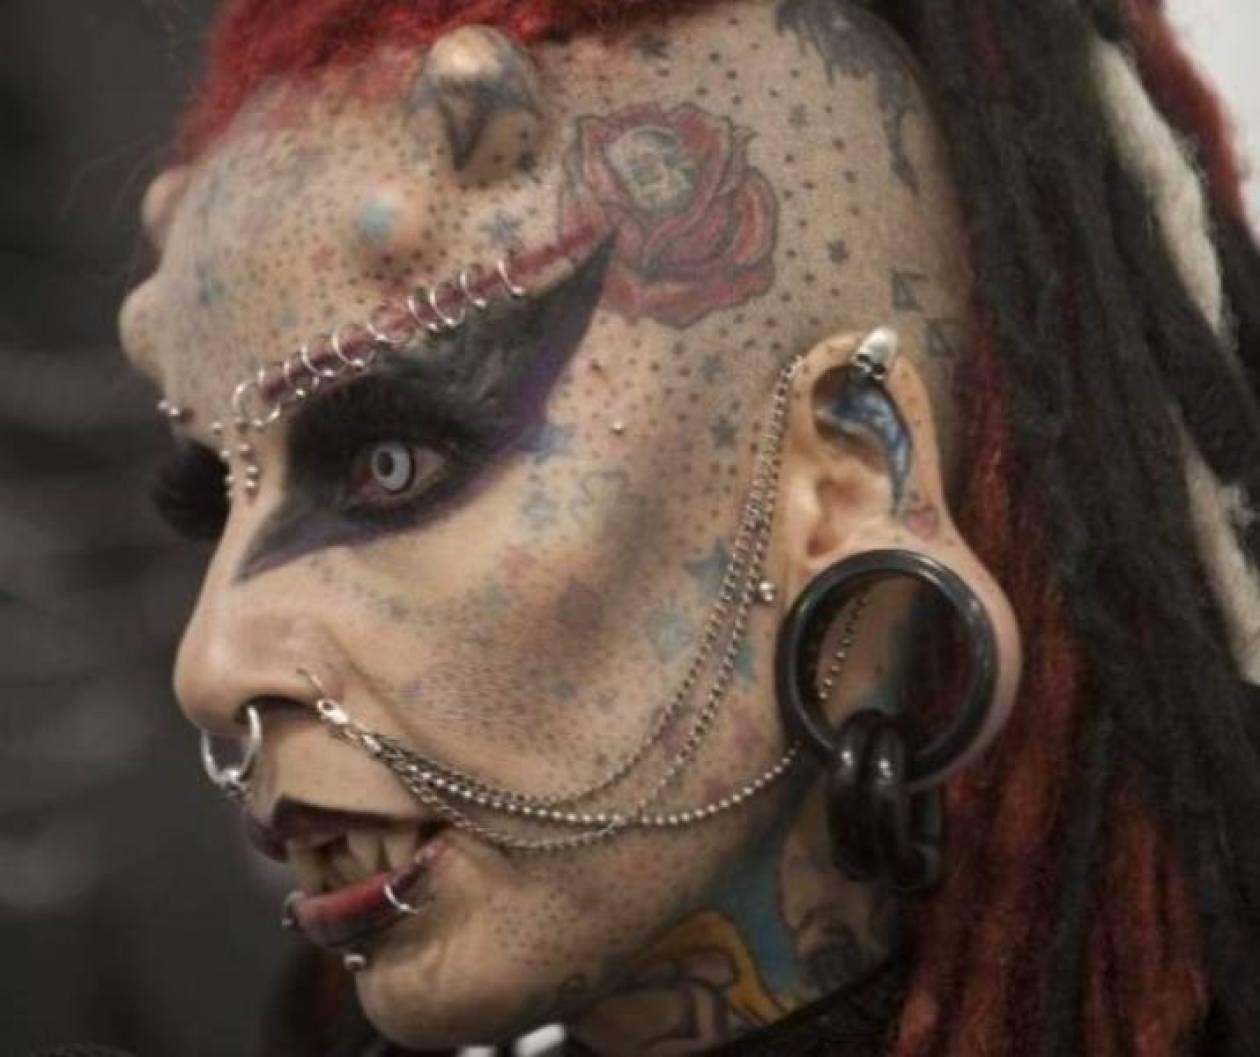 Τατουάζ που σοκάρουν στη Βενεζουέλα (Video)